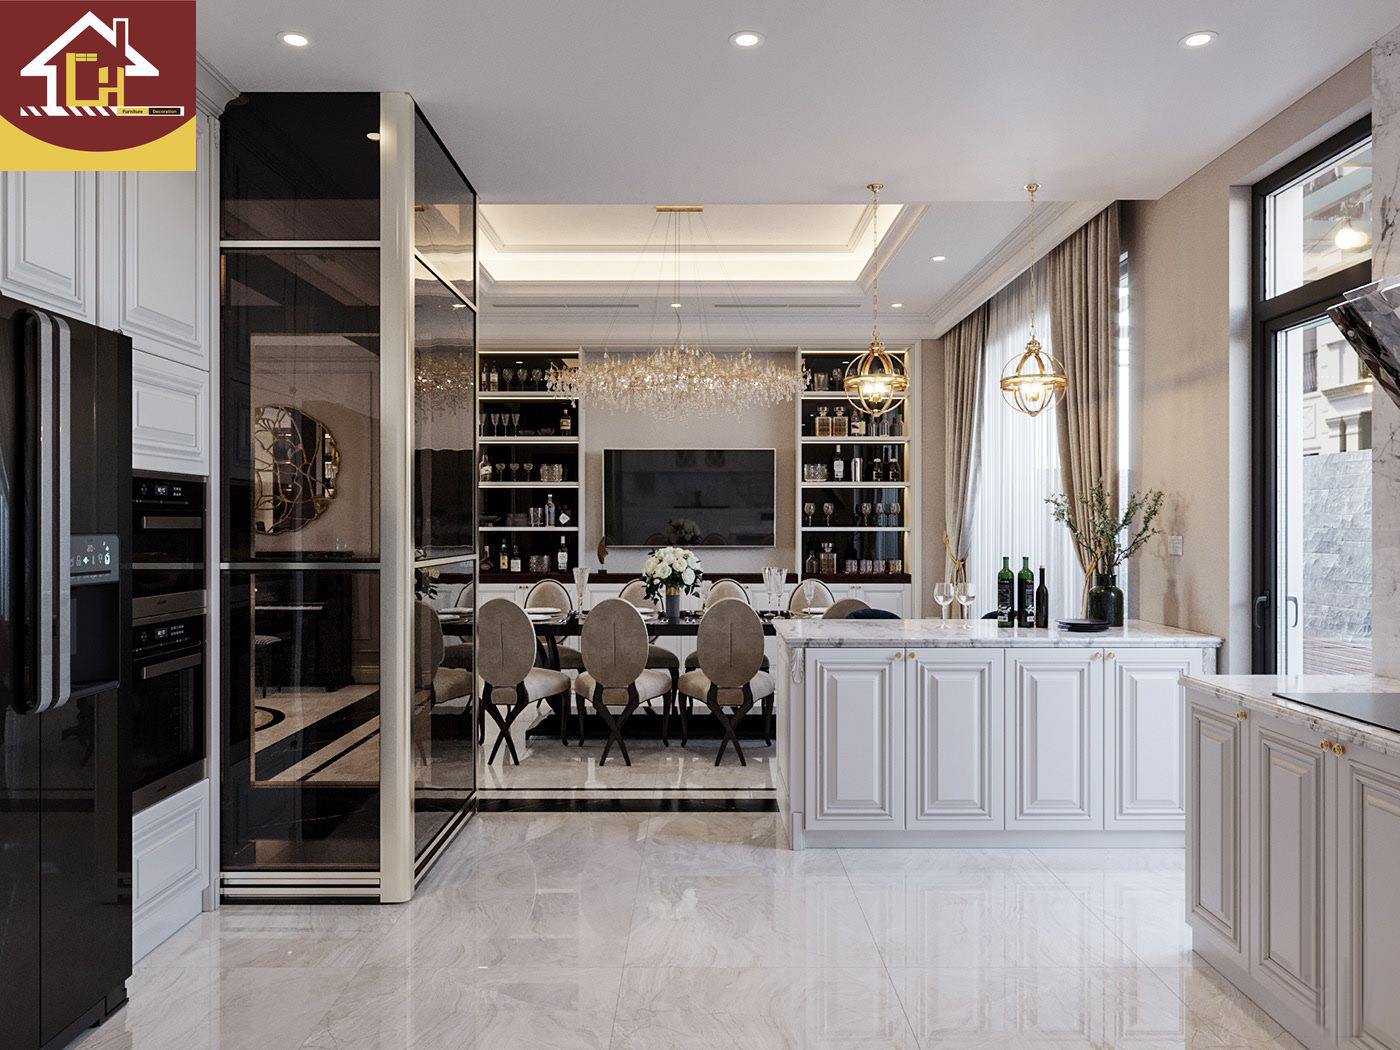 Thiết kế thi công nội thất biệt thự tại Xuân Mai - Hà Nội